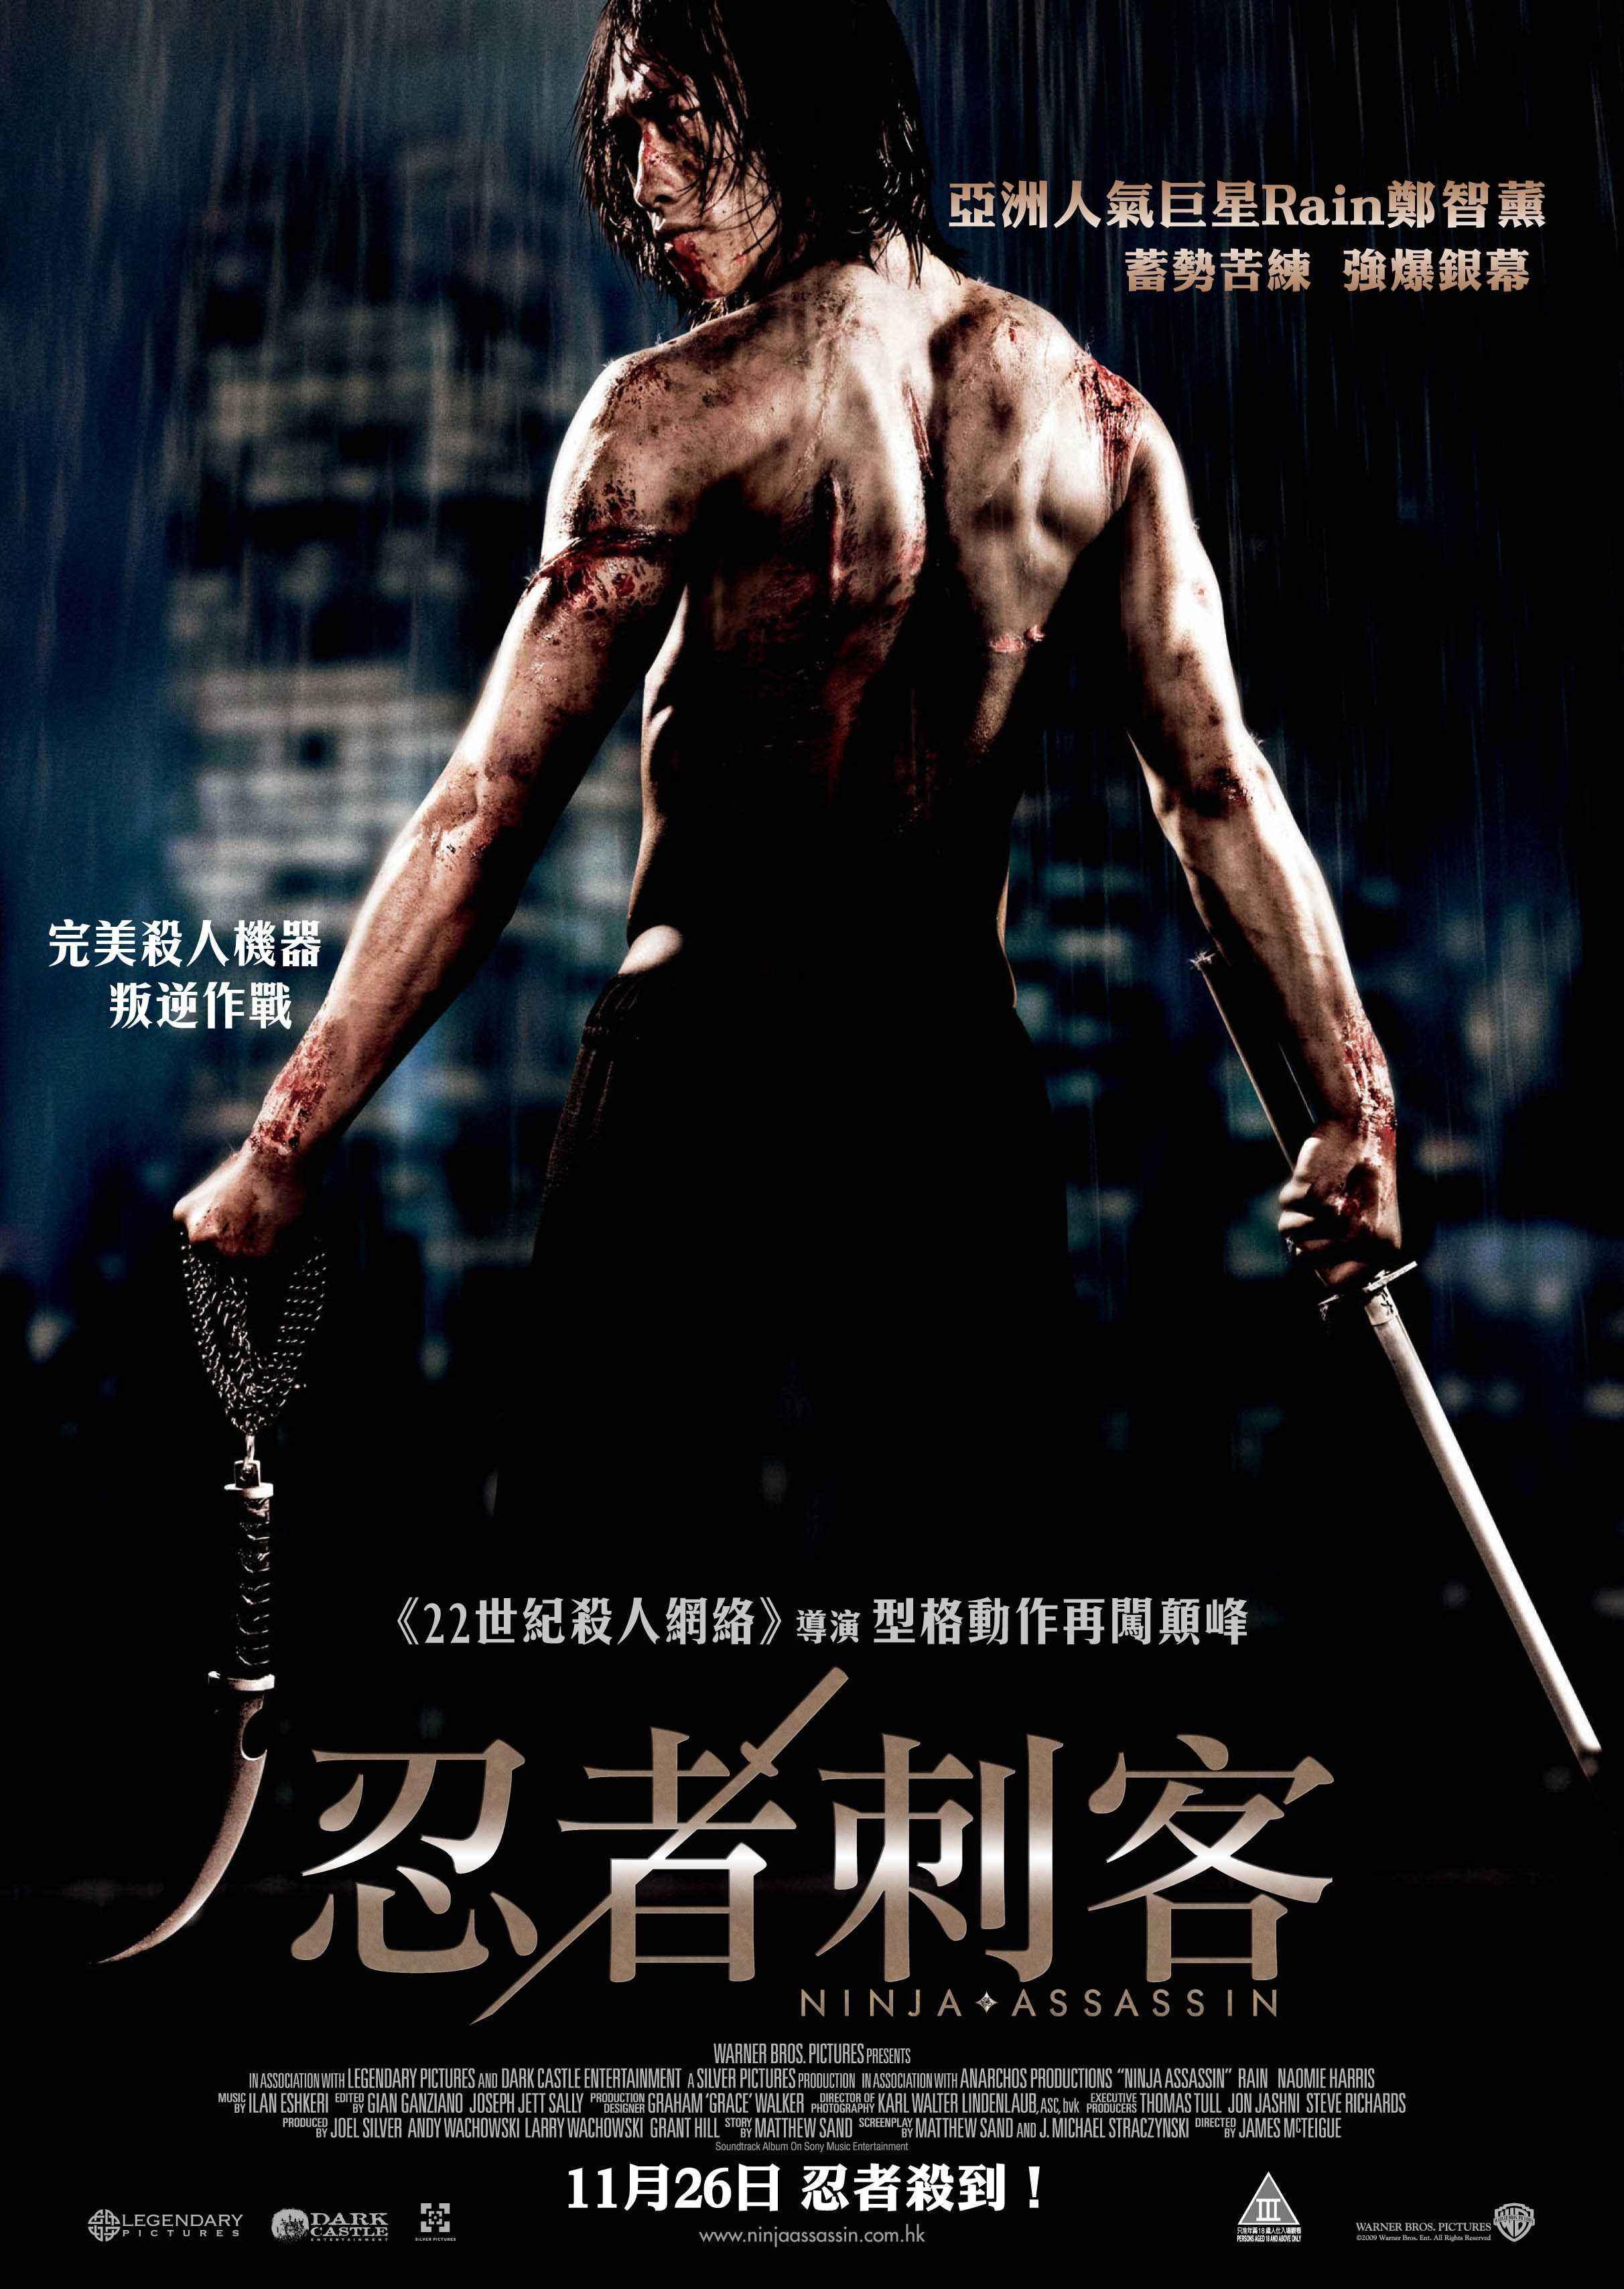 102109 Pic Ninja Assassin Teaser Poster In Hk